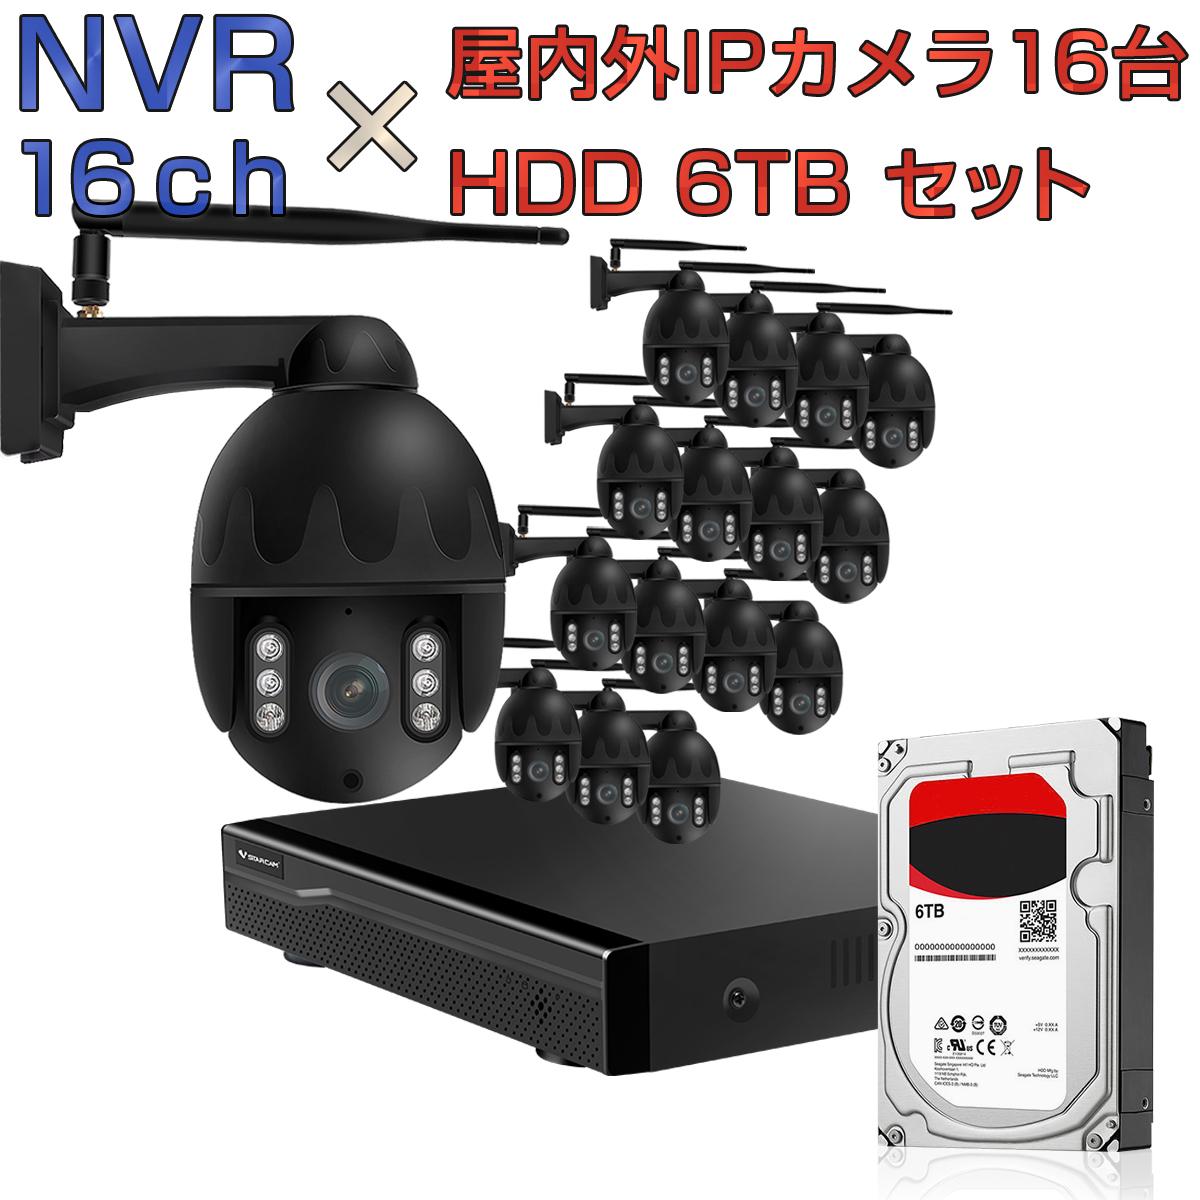 NVR ネットワークビデオレコーダー 16ch HDD6TB内蔵 C31S 2K 1080P 200万画素カメラ 16台セット IP ONVIF形式 スマホ対応 遠隔監視 1080P FHD 動体検知 同時出力 録音対応 H.265+ IPカメラレコーダー監視システム 宅配便送料無料 1年保証